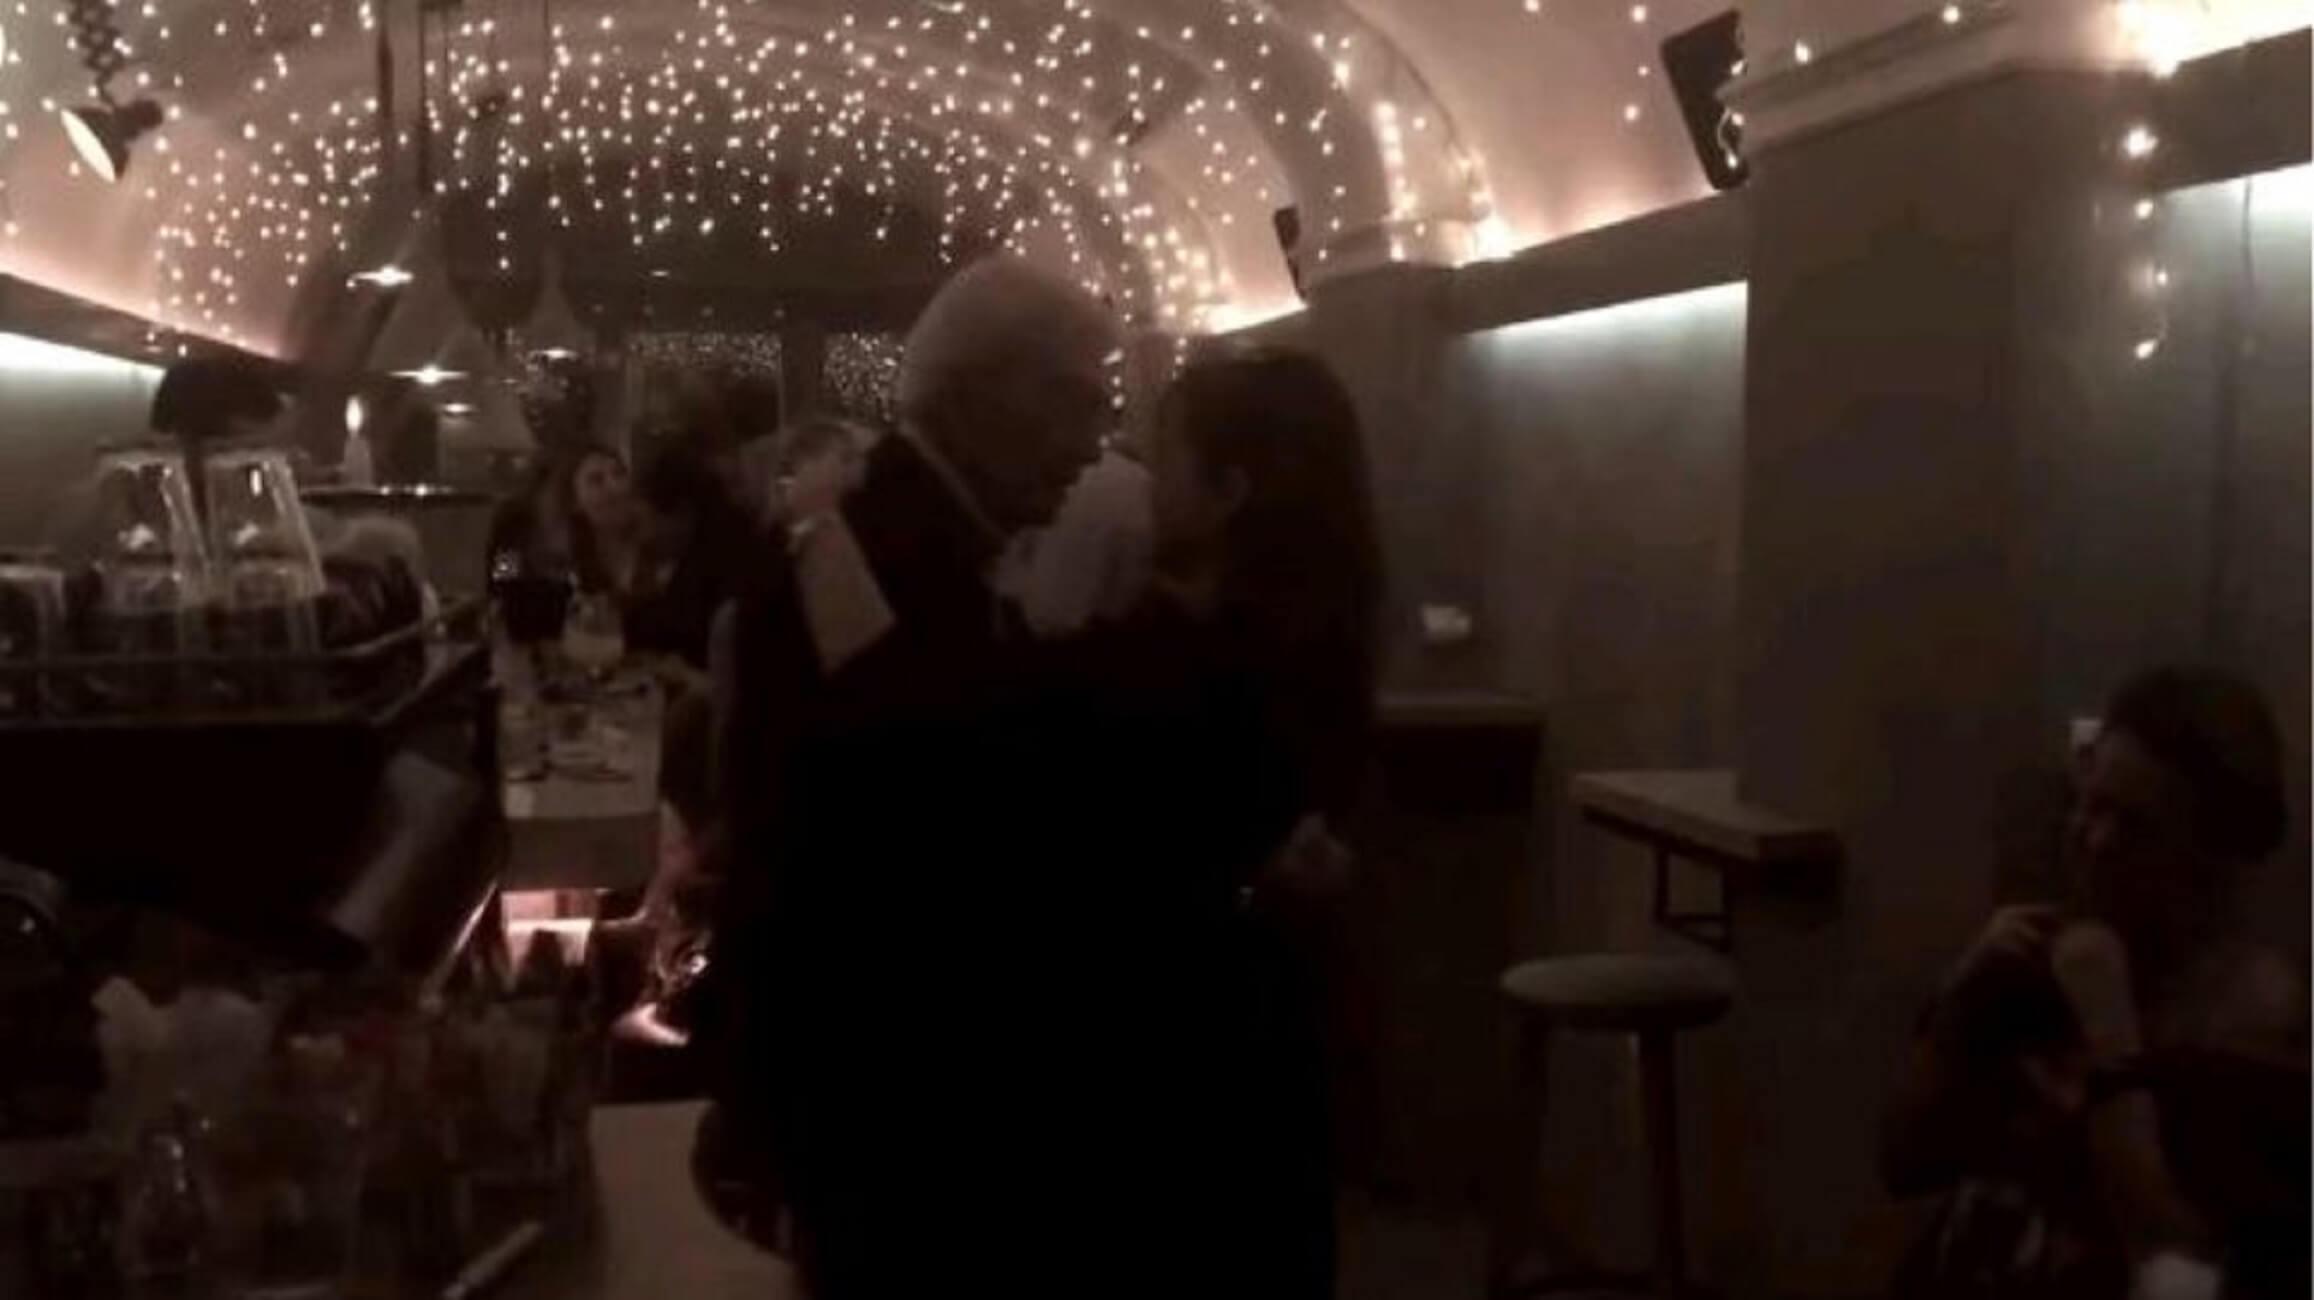 Ο χορός του Μπουτάρη με τη σύντροφό του για την Ημέρα της Γυναίκας – video